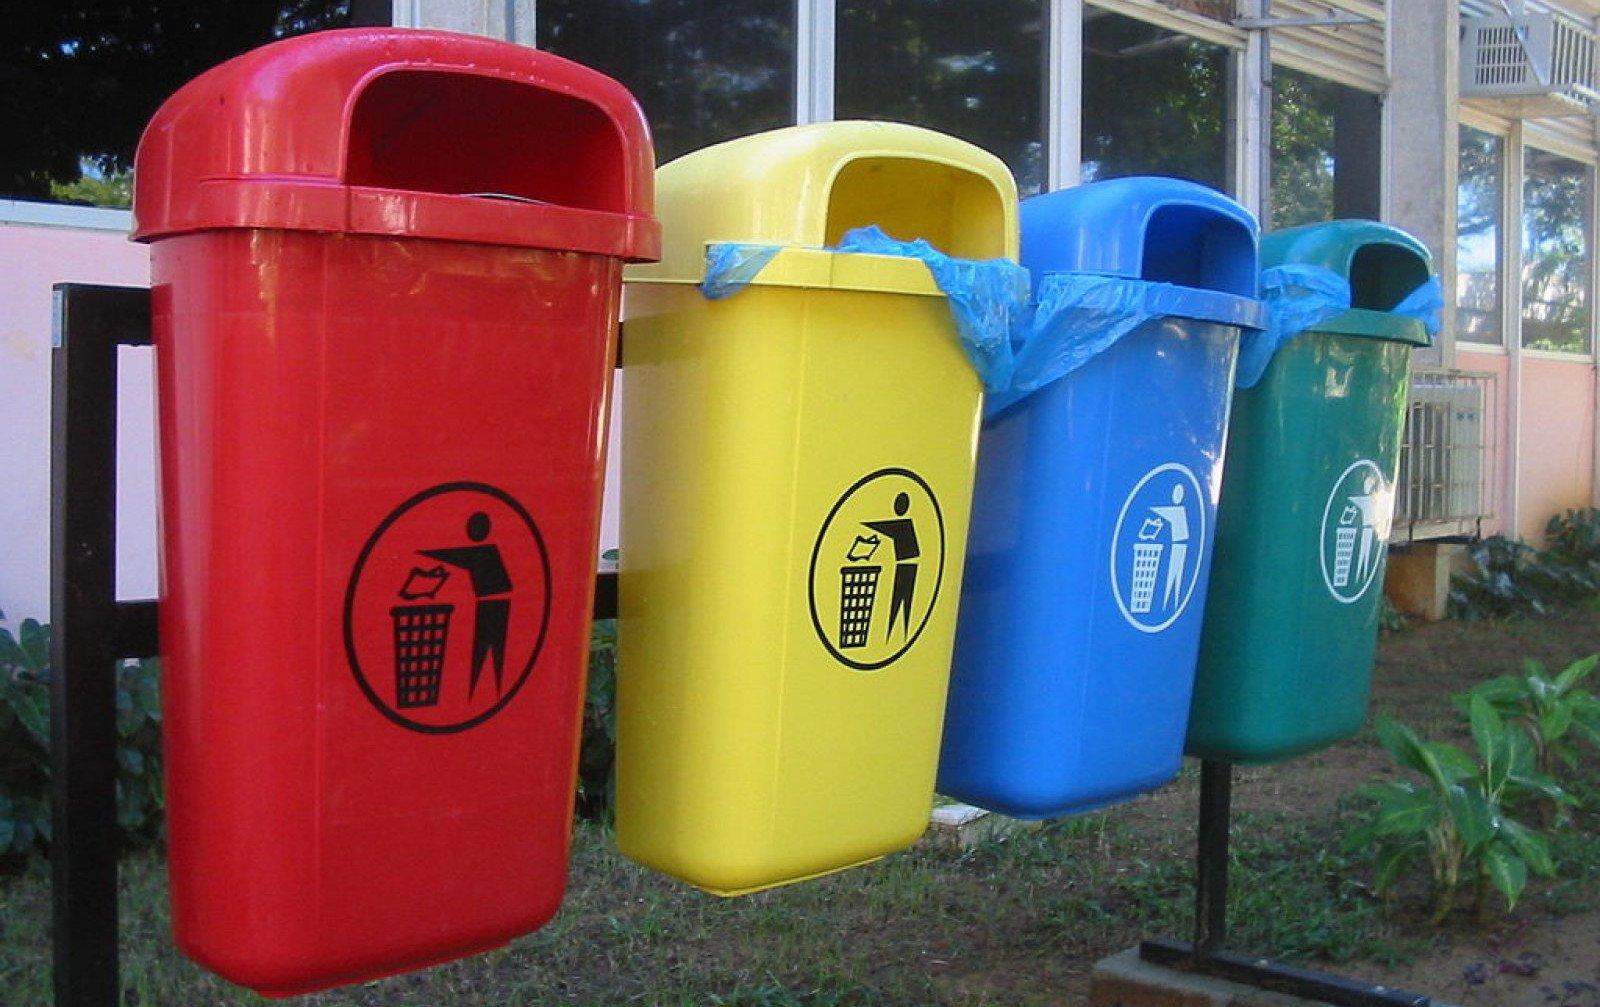 Els contenidors de recollida selectiva